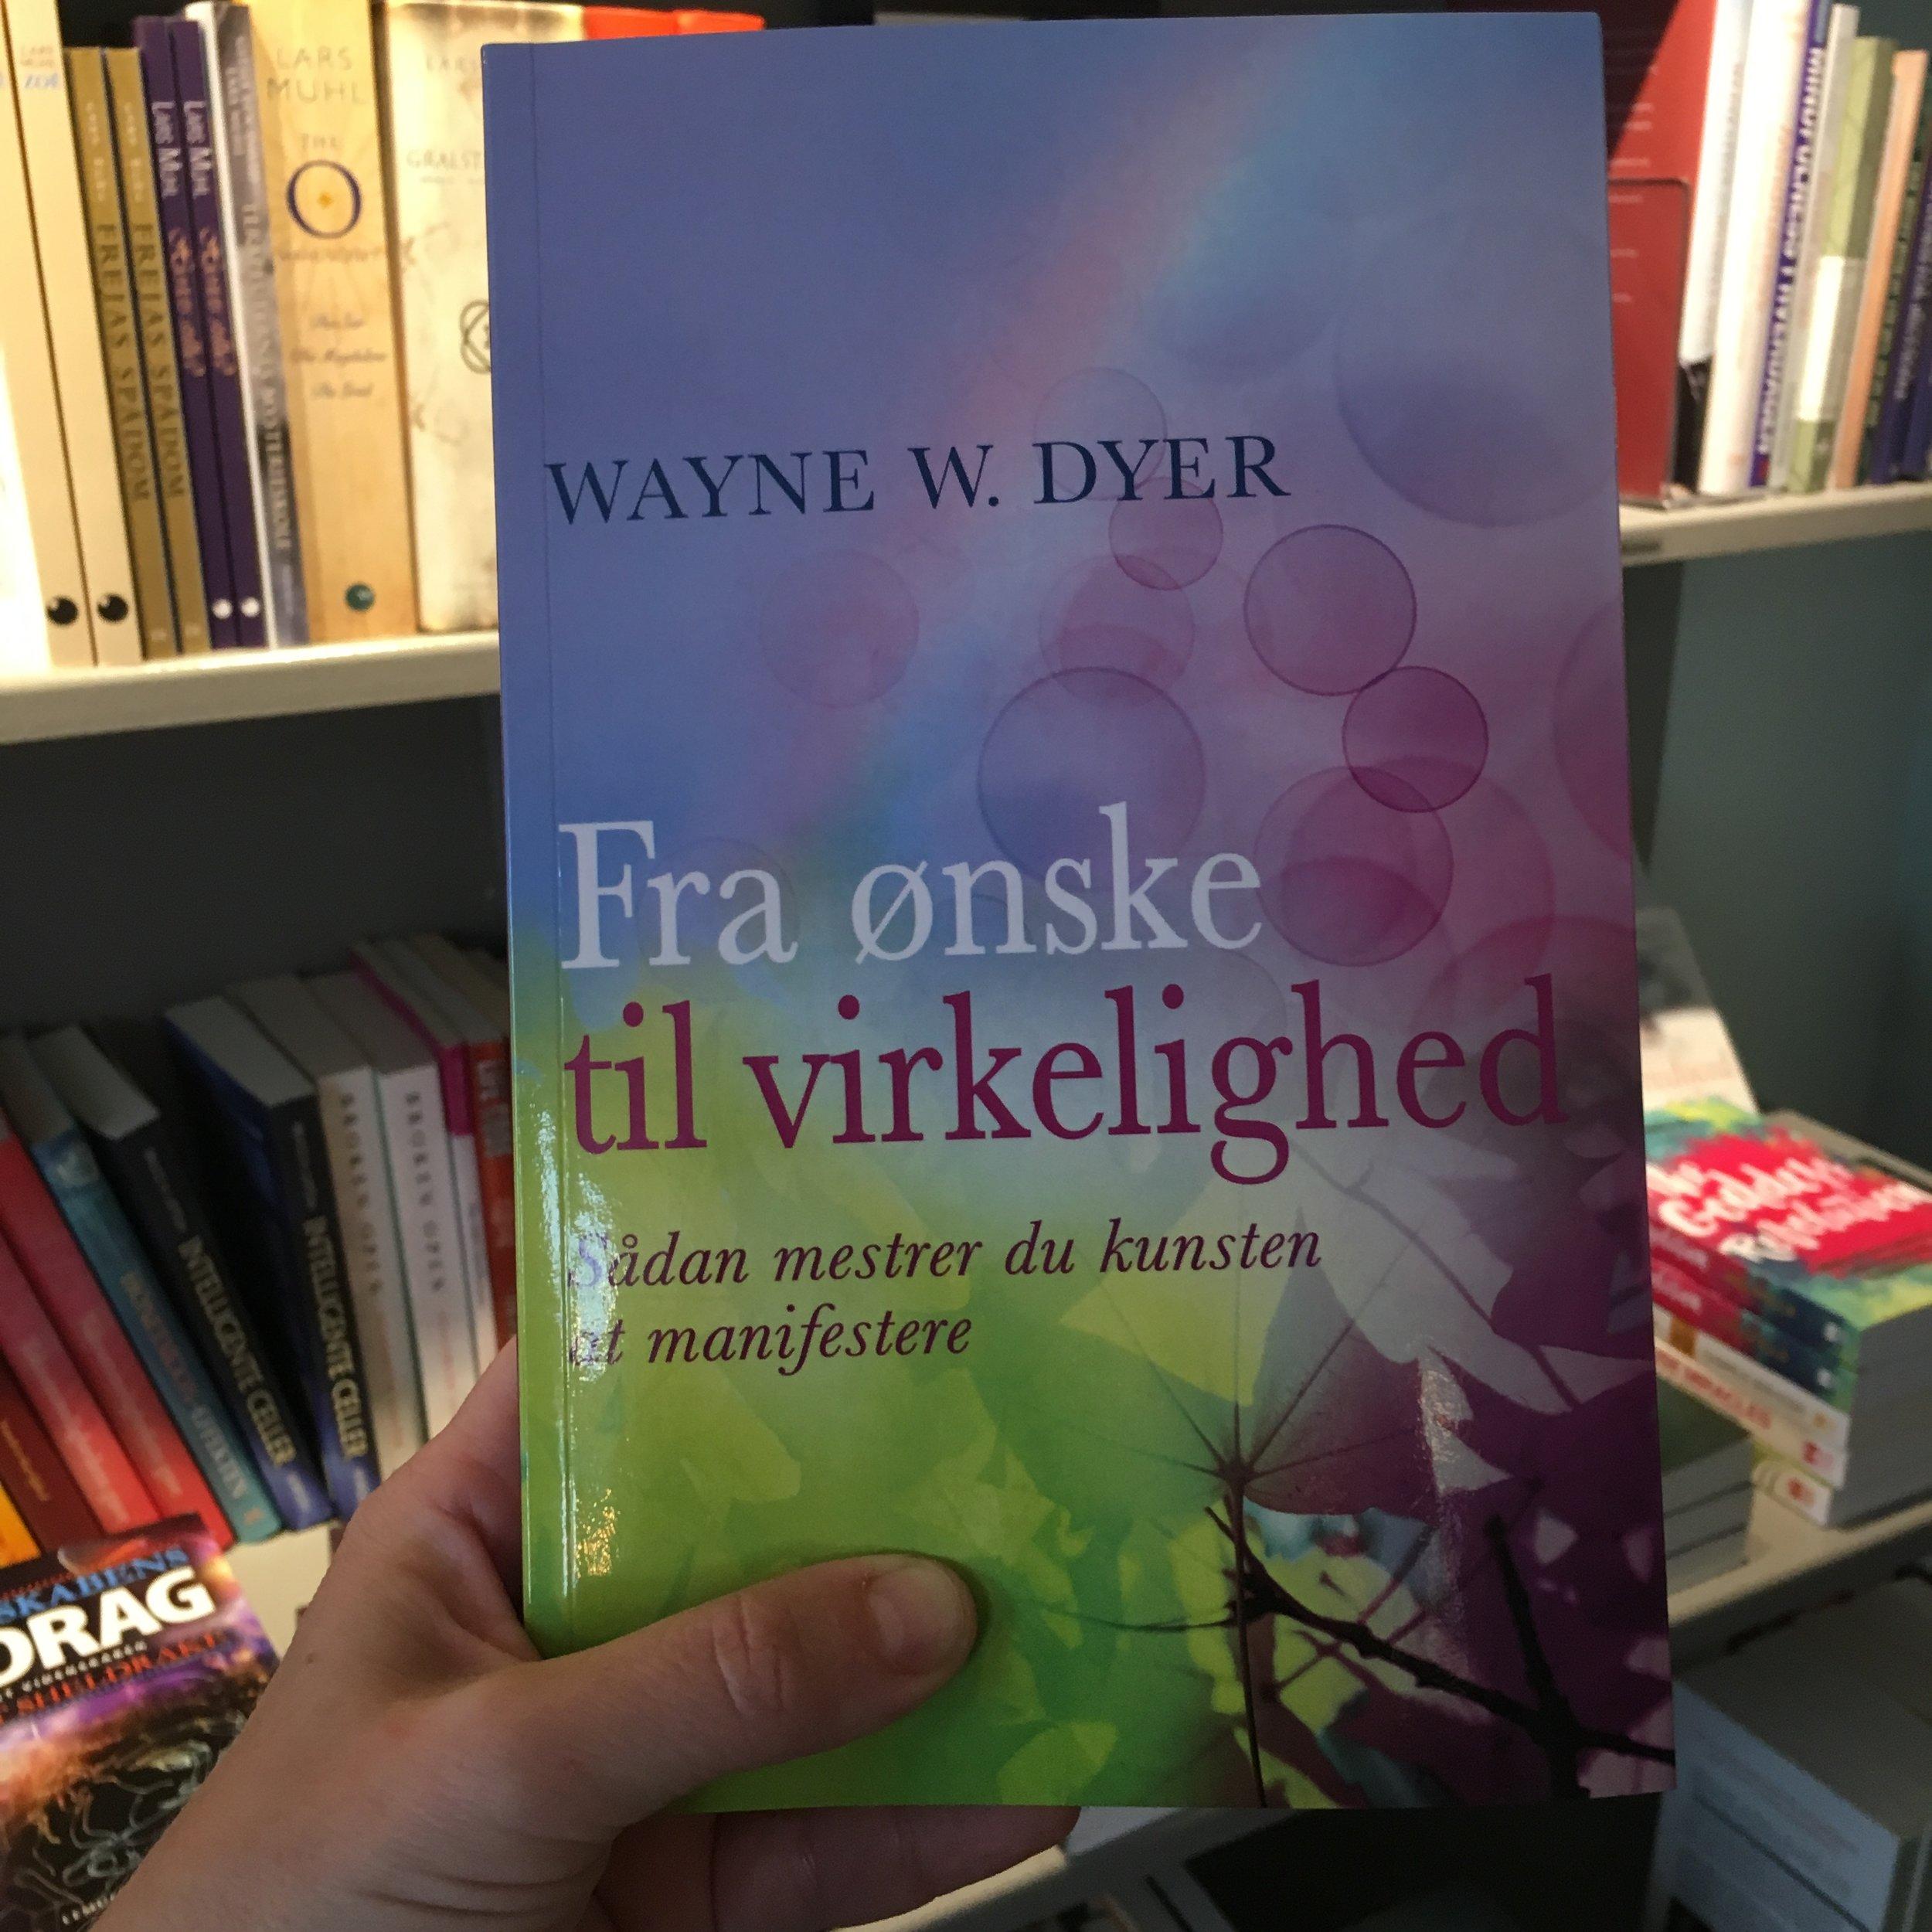 """På besøg i Soul Books - """"Fra ønske til virkelighed"""" Wayne W. Dyer."""